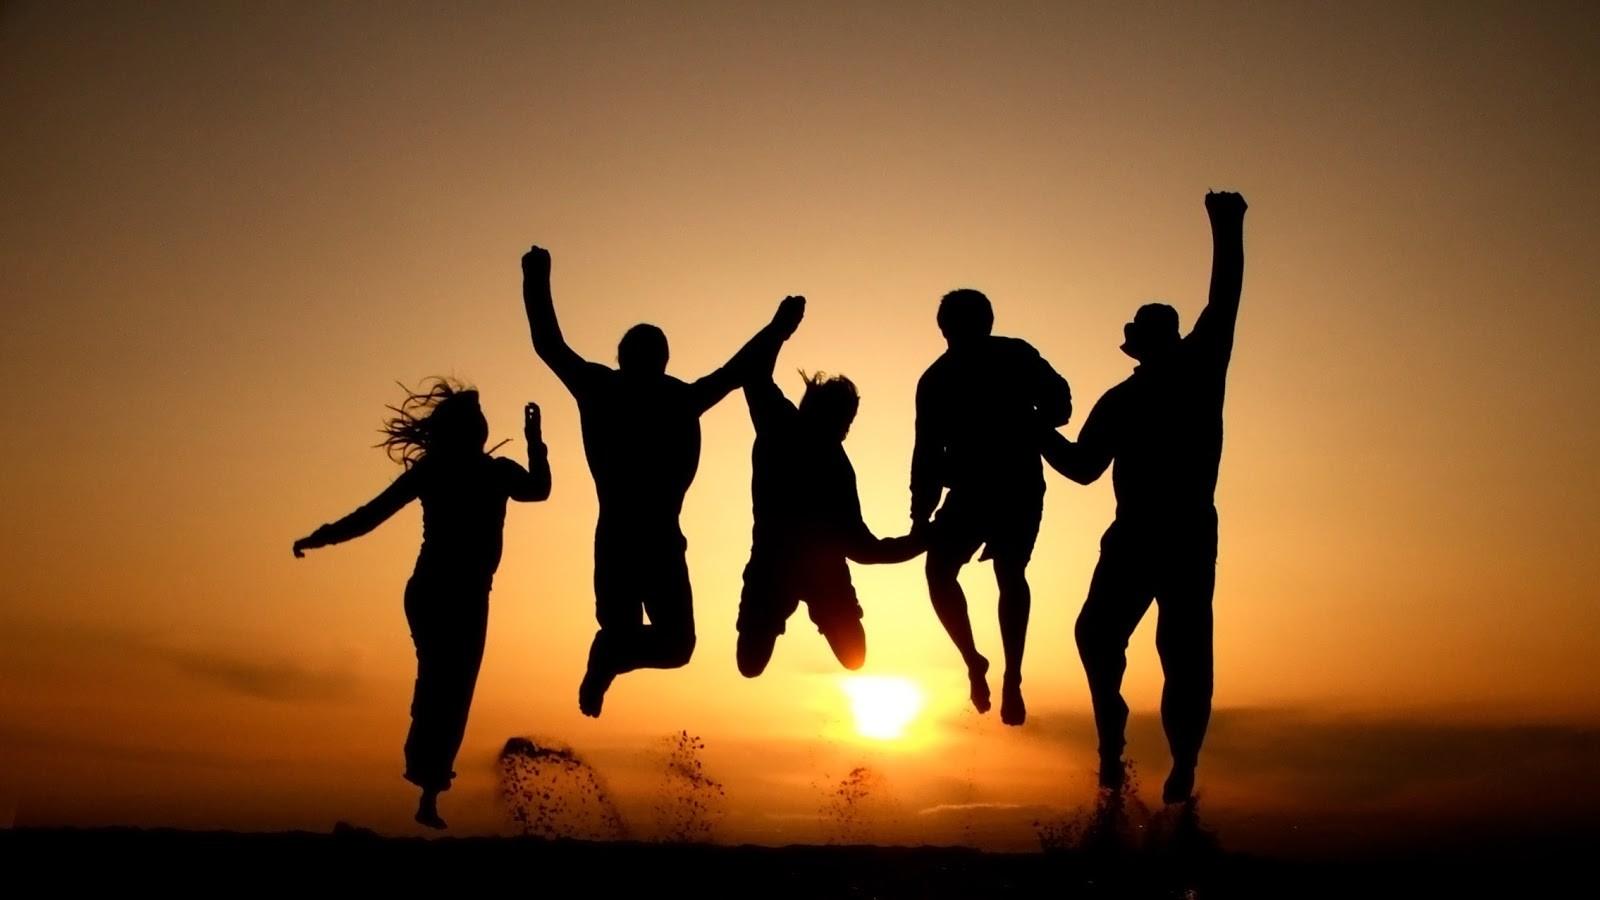 Cùng nhau đưa ra những cam kết để chuyến đi của bạn trở thành hiện thực